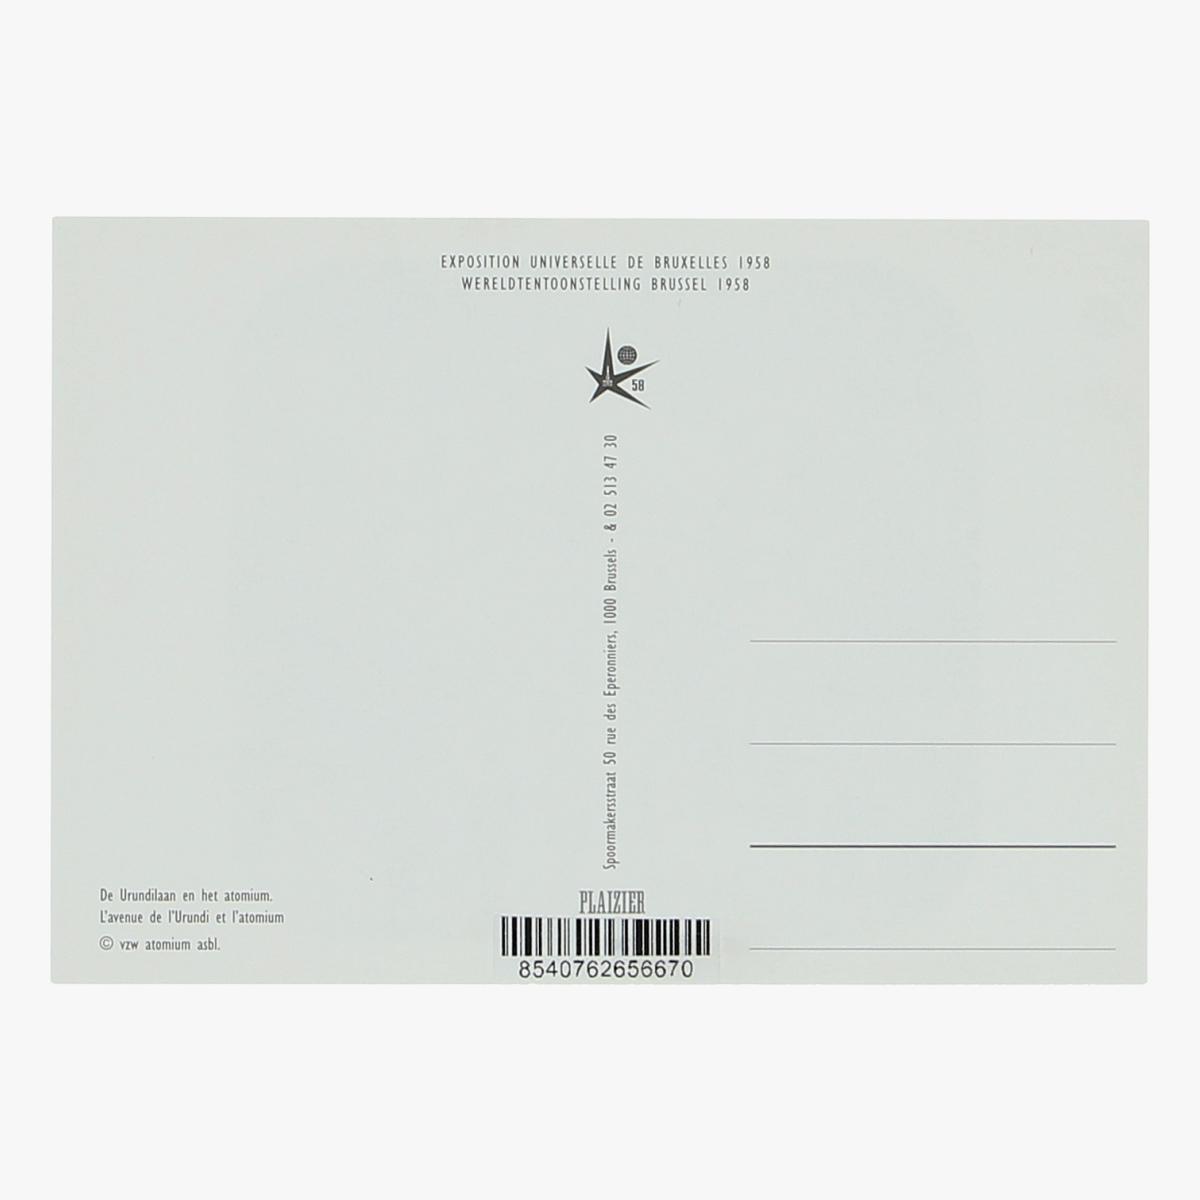 Afbeeldingen van post kaart De Urundlaan en het atomium expo 58